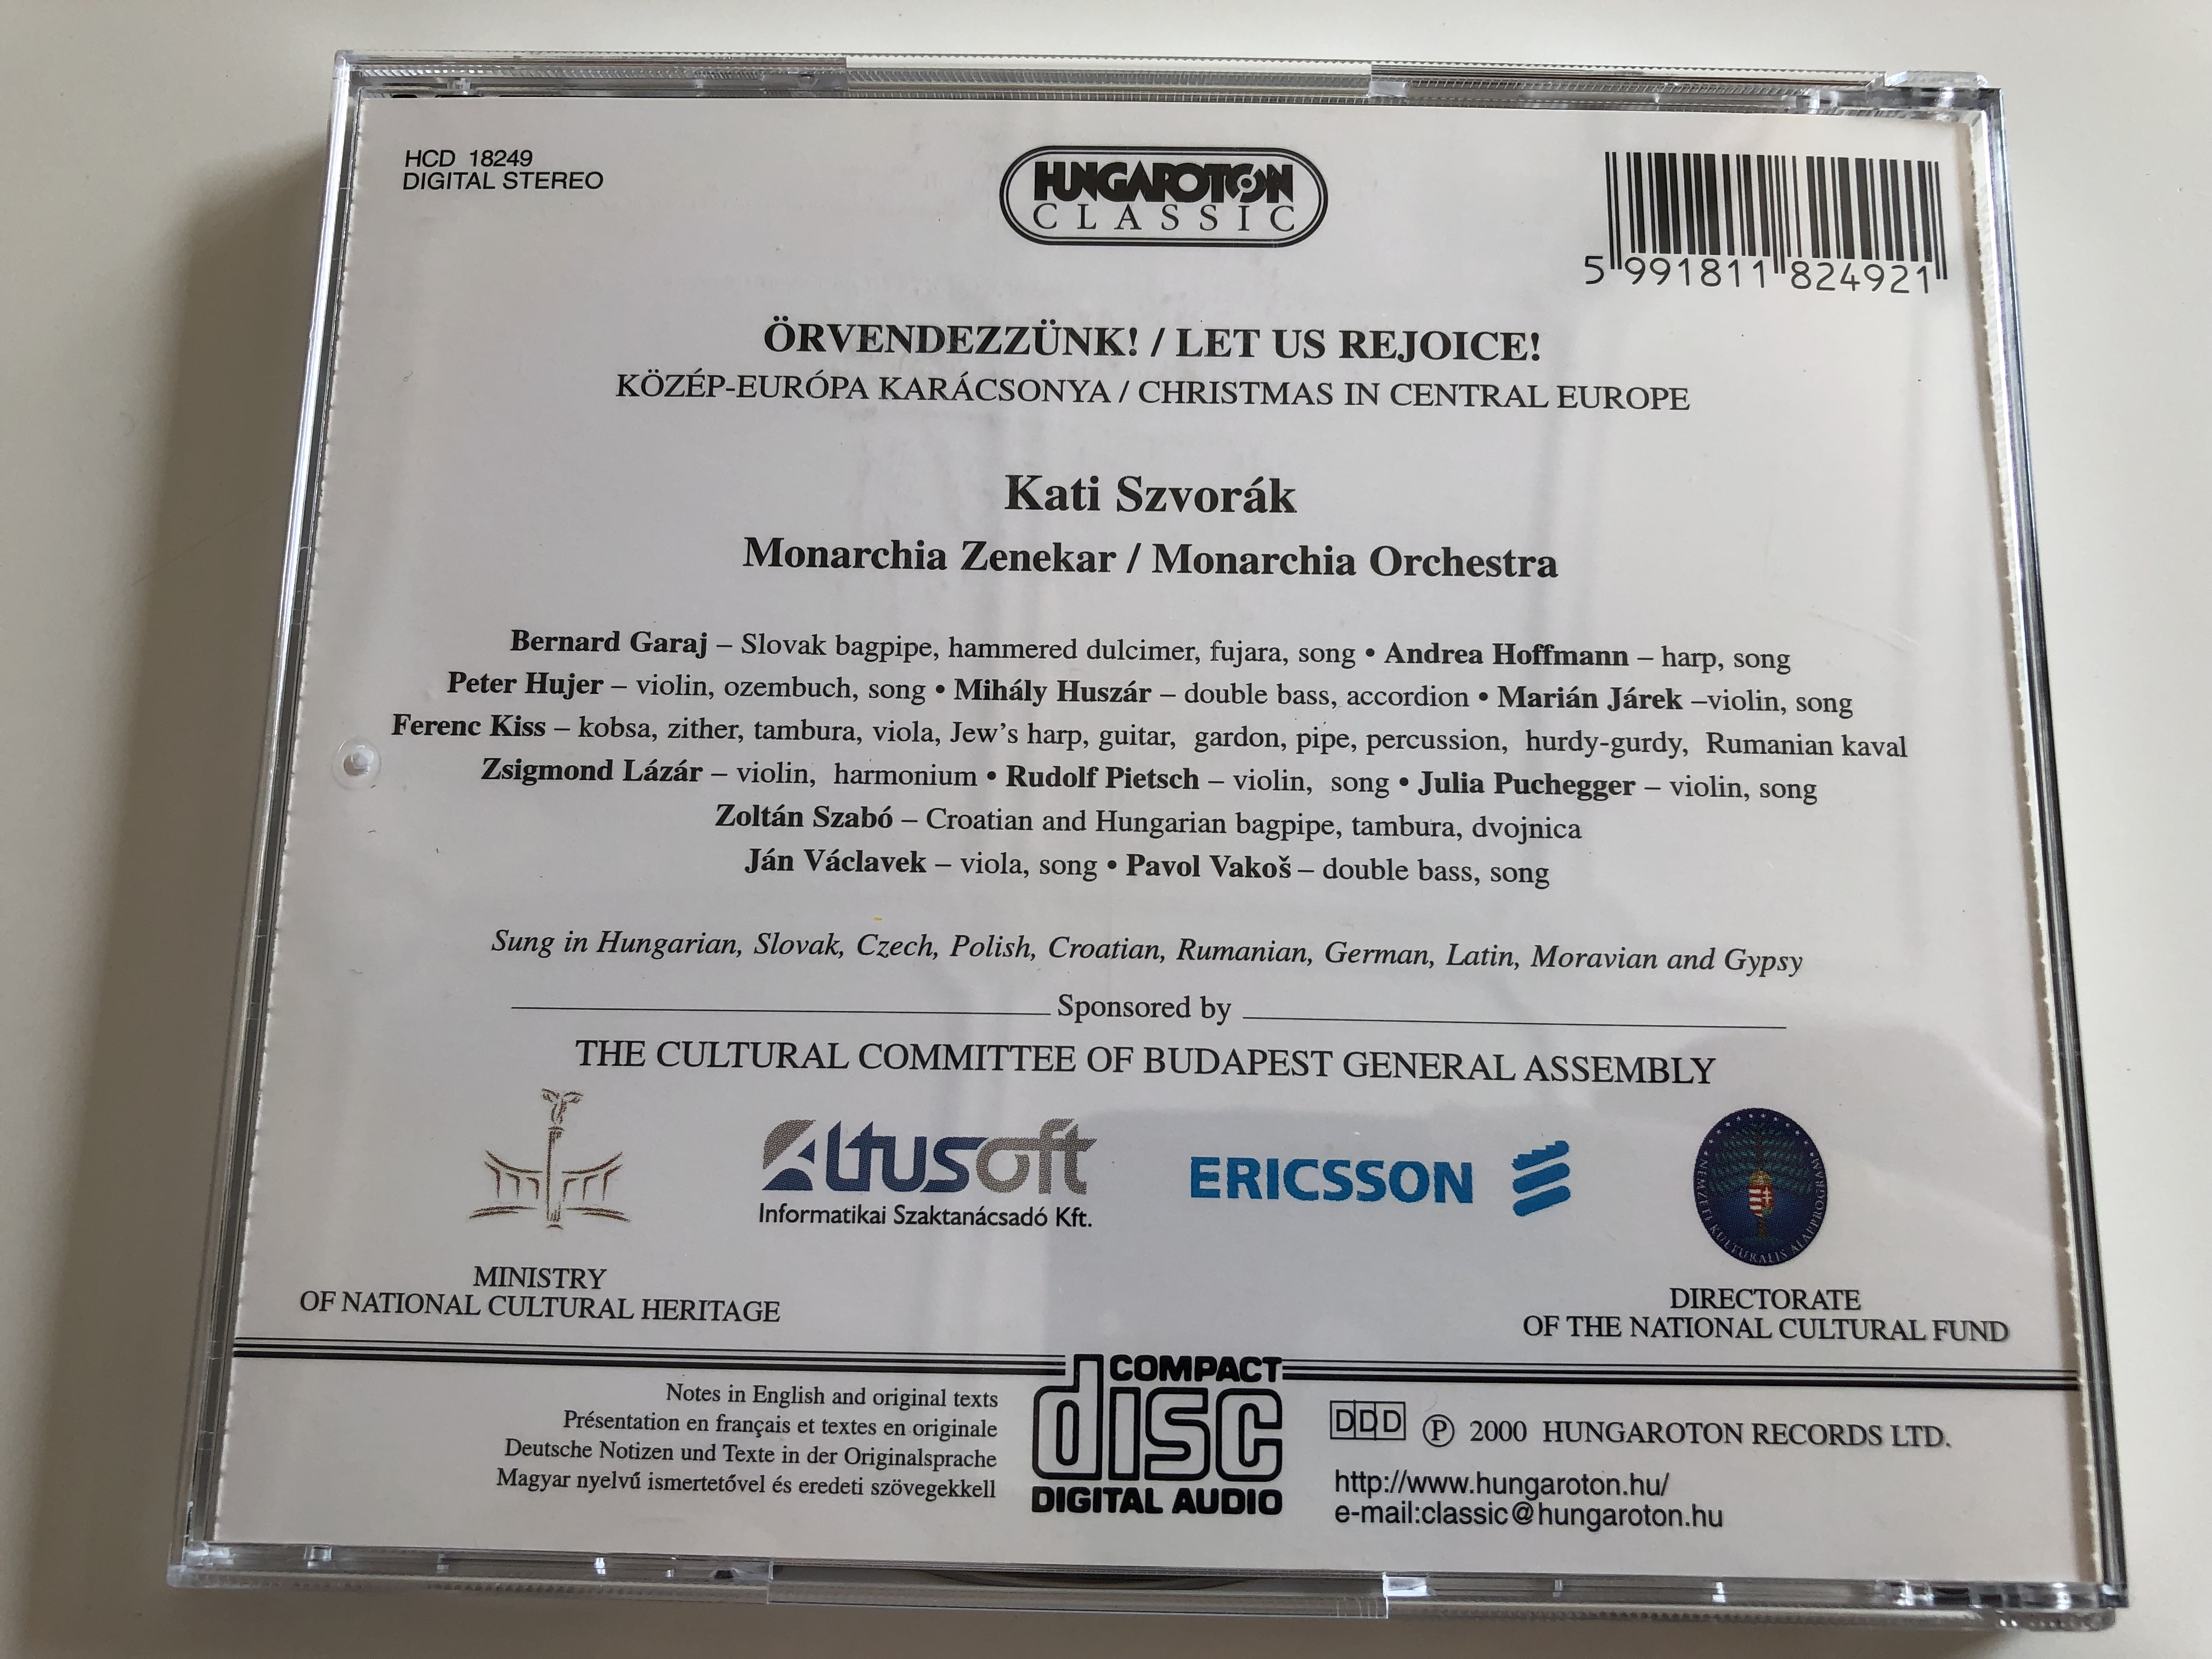 -rvendezz-nk-k-z-p-eur-pa-kar-csonya-let-us-rejoice-christmas-in-central-europe-kati-szvor-k-monarchia-hungaroton-classic-audio-cd-2000-hcd-18249-13-.jpg